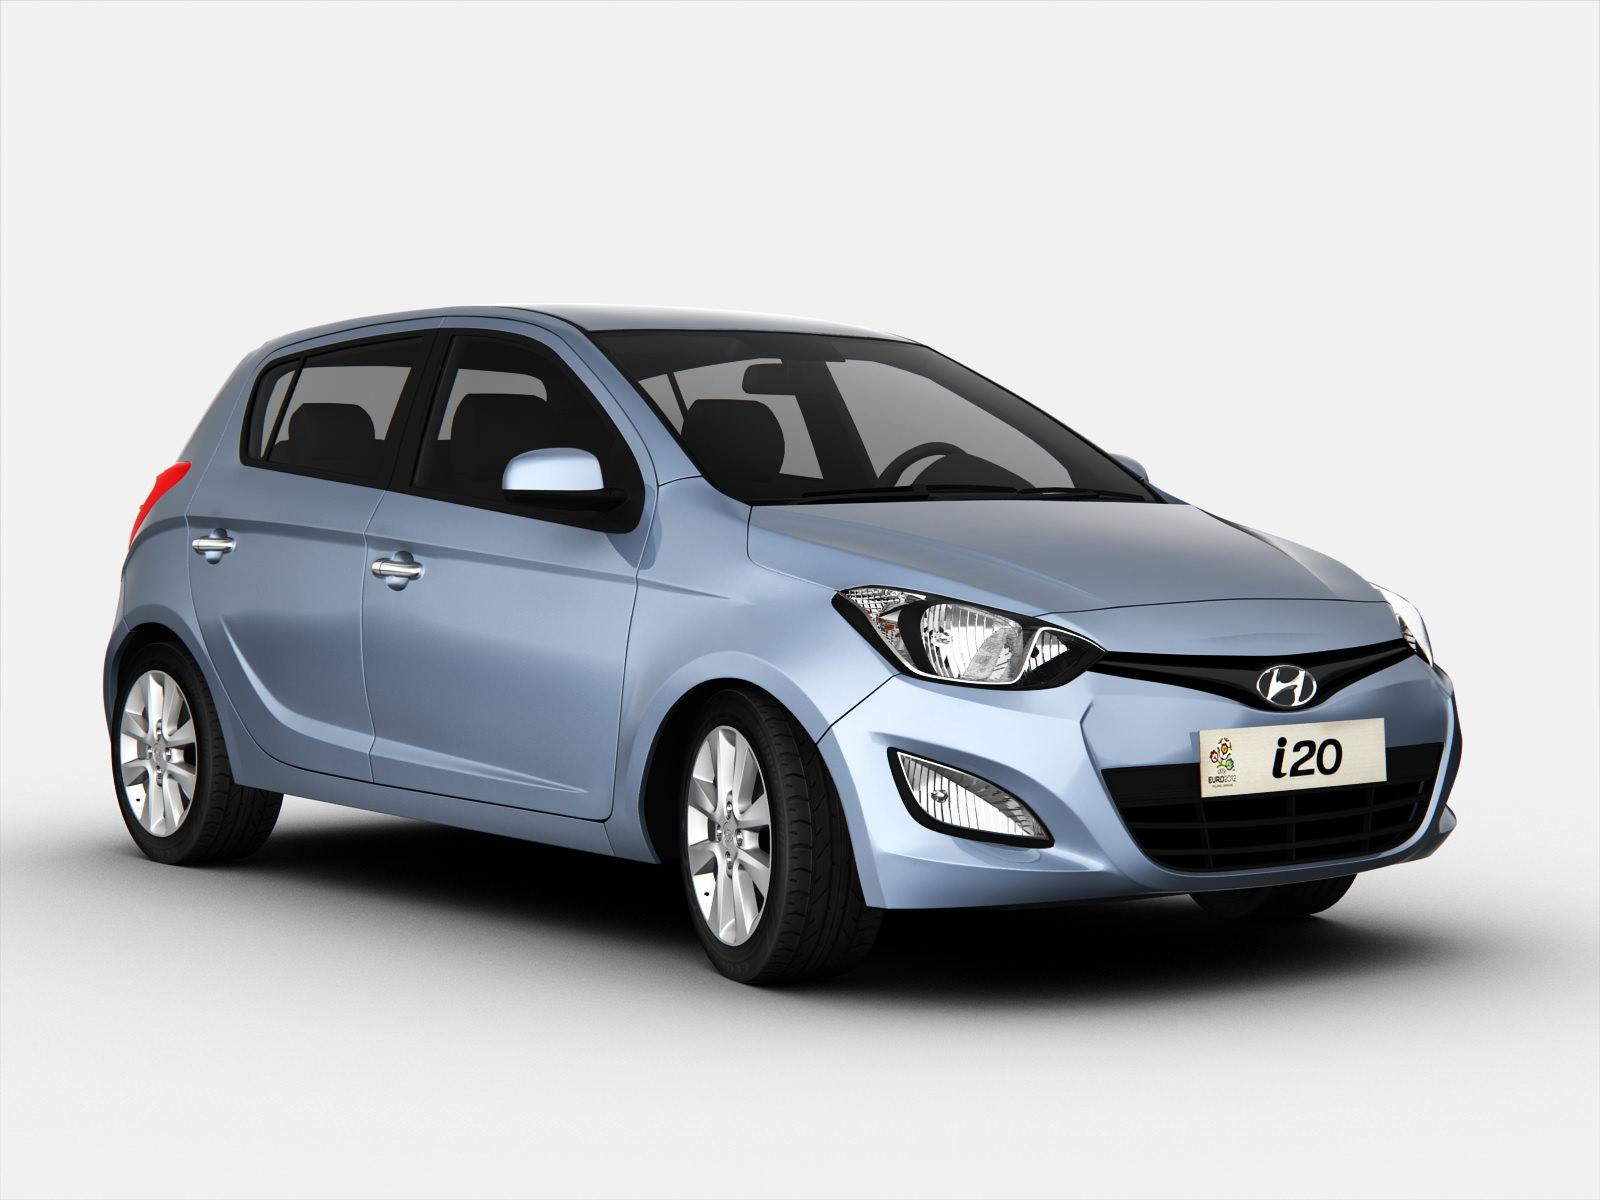 Hyundai i20 2013 3D Model .max .obj .3ds .fbx